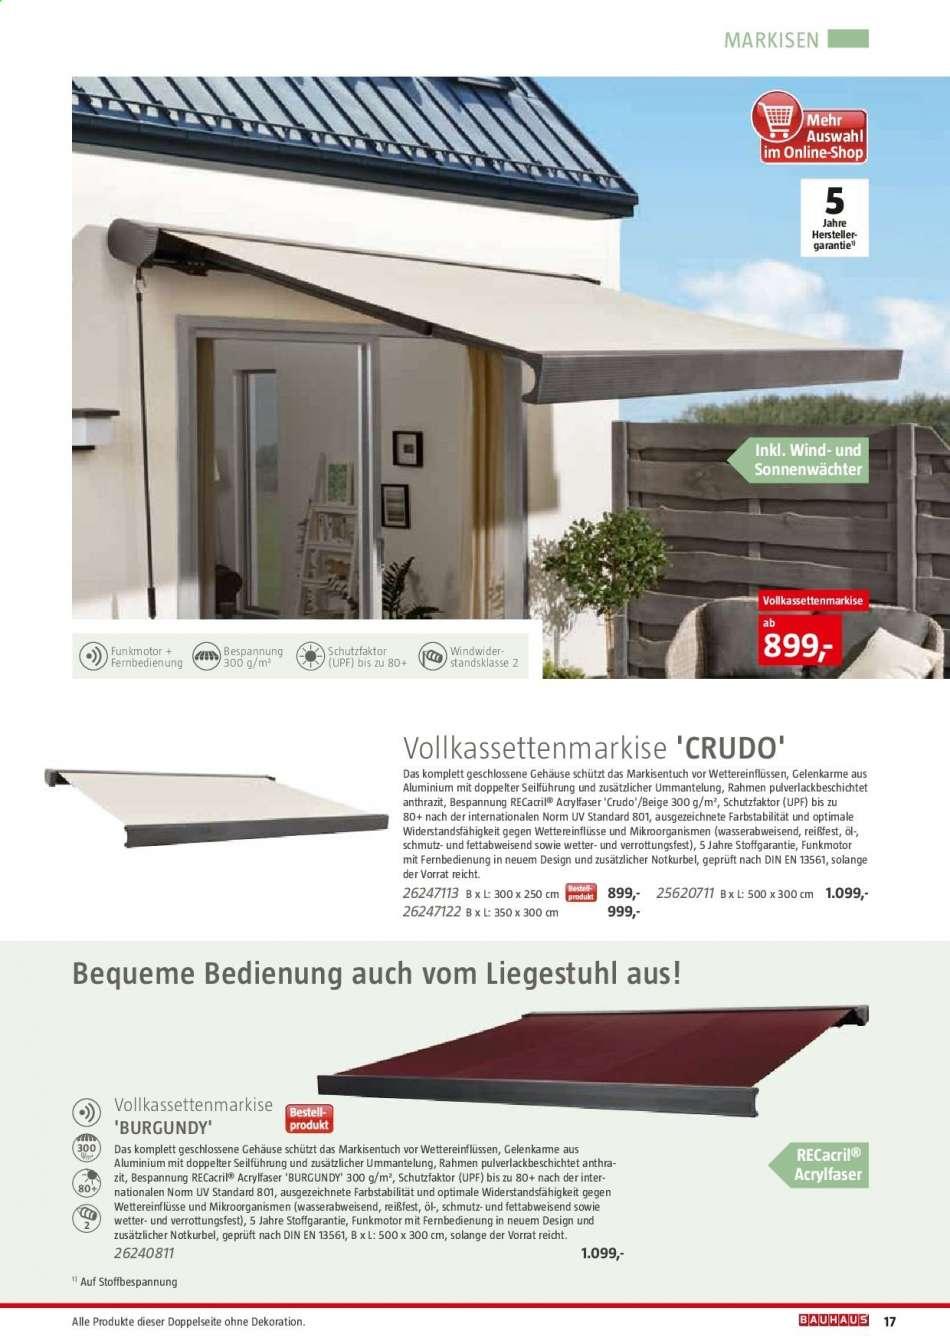 Full Size of Liegestuhl Bauhaus Aktuelles Prospekt 922019 31122019 Rabatt Kompass Garten Fenster Wohnzimmer Liegestuhl Bauhaus